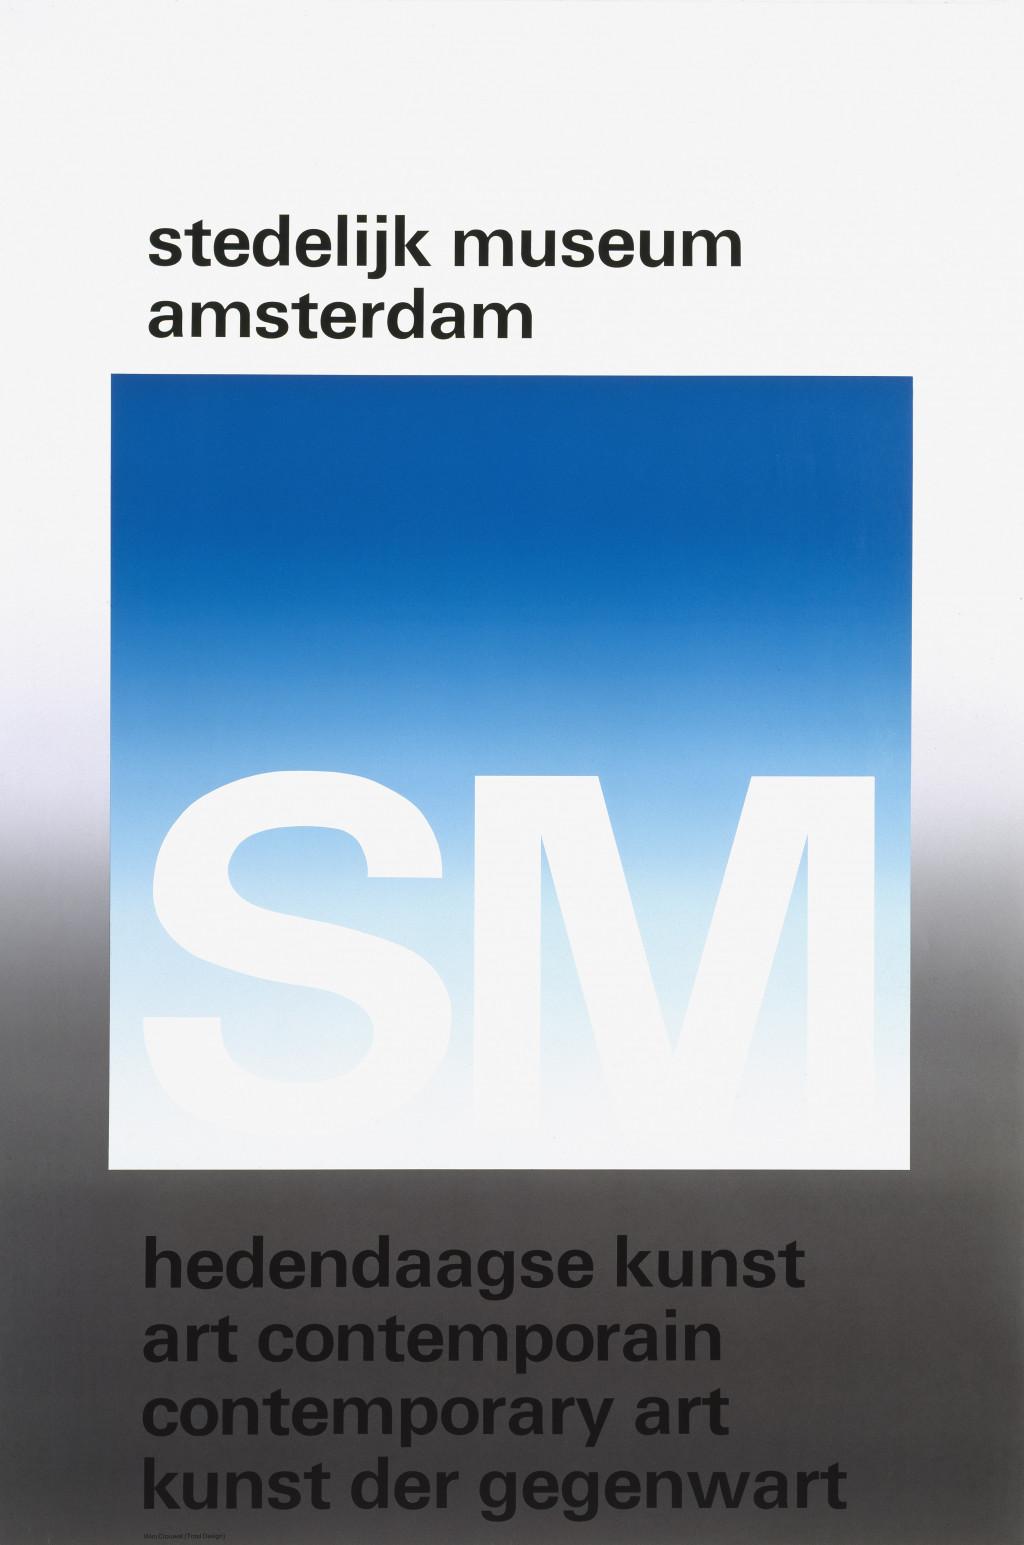 Wim Crouwel, 'Stedelijk Museum Amsterdam', 1971. Collection Stedelijk Museum Amsterdam